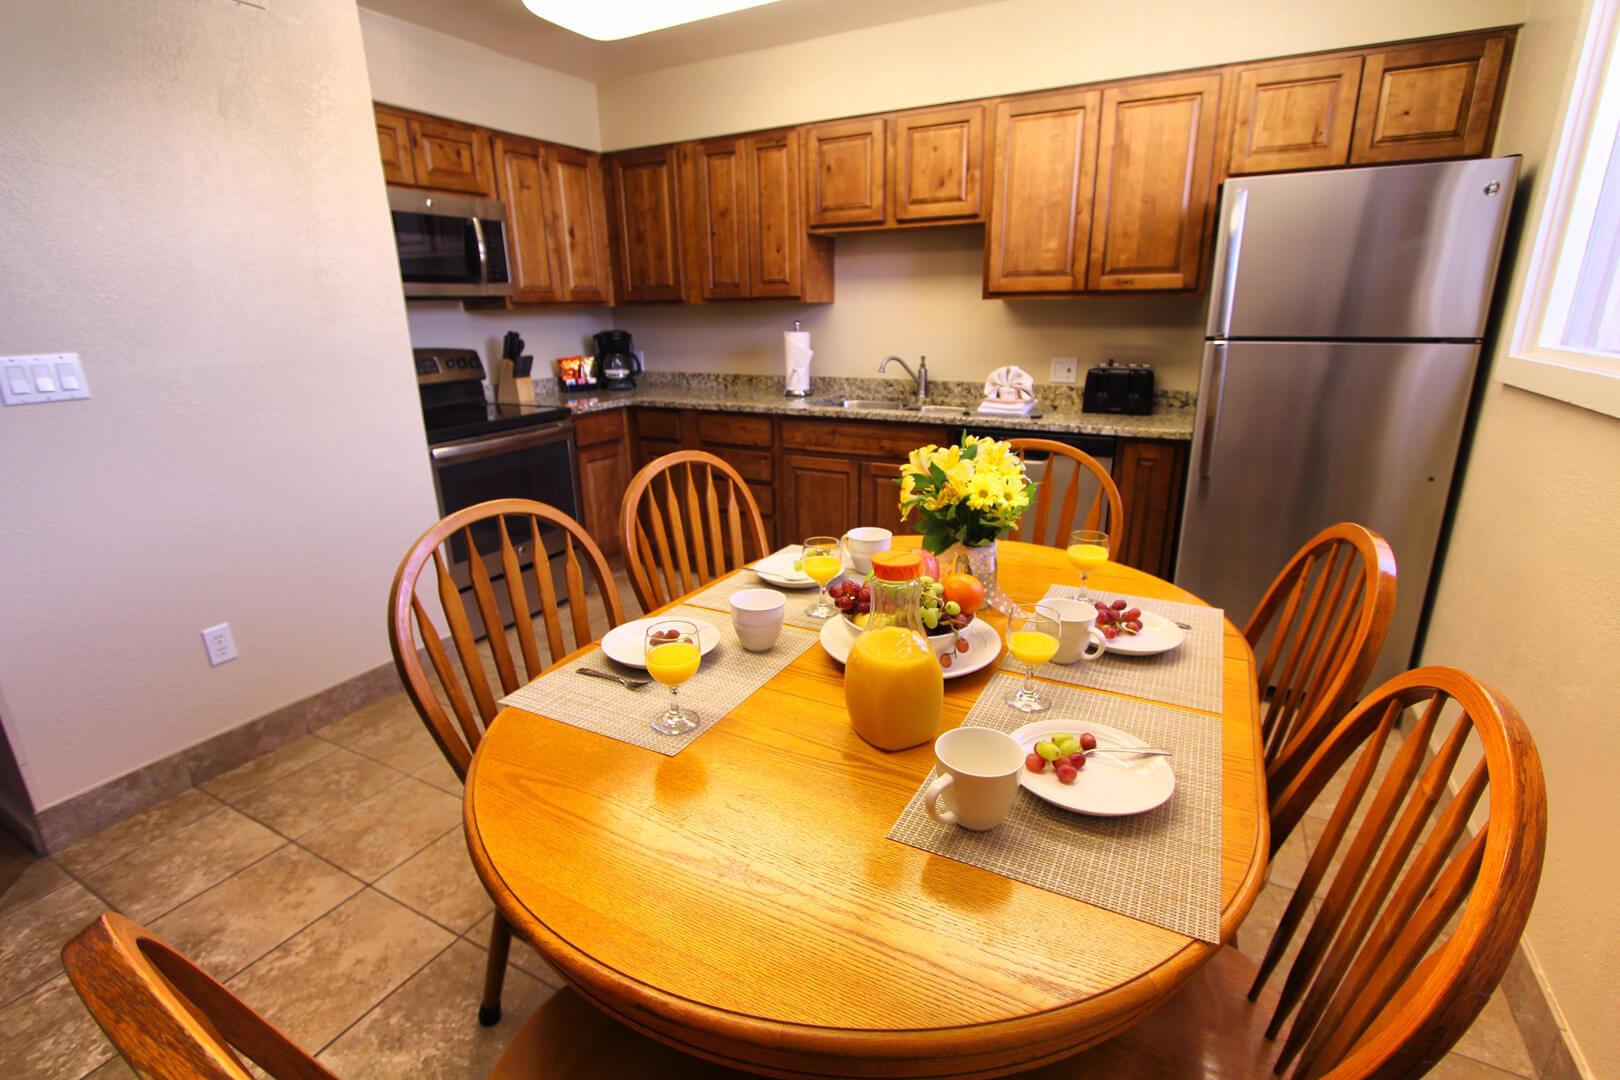 Villas At Southgate Dining Room